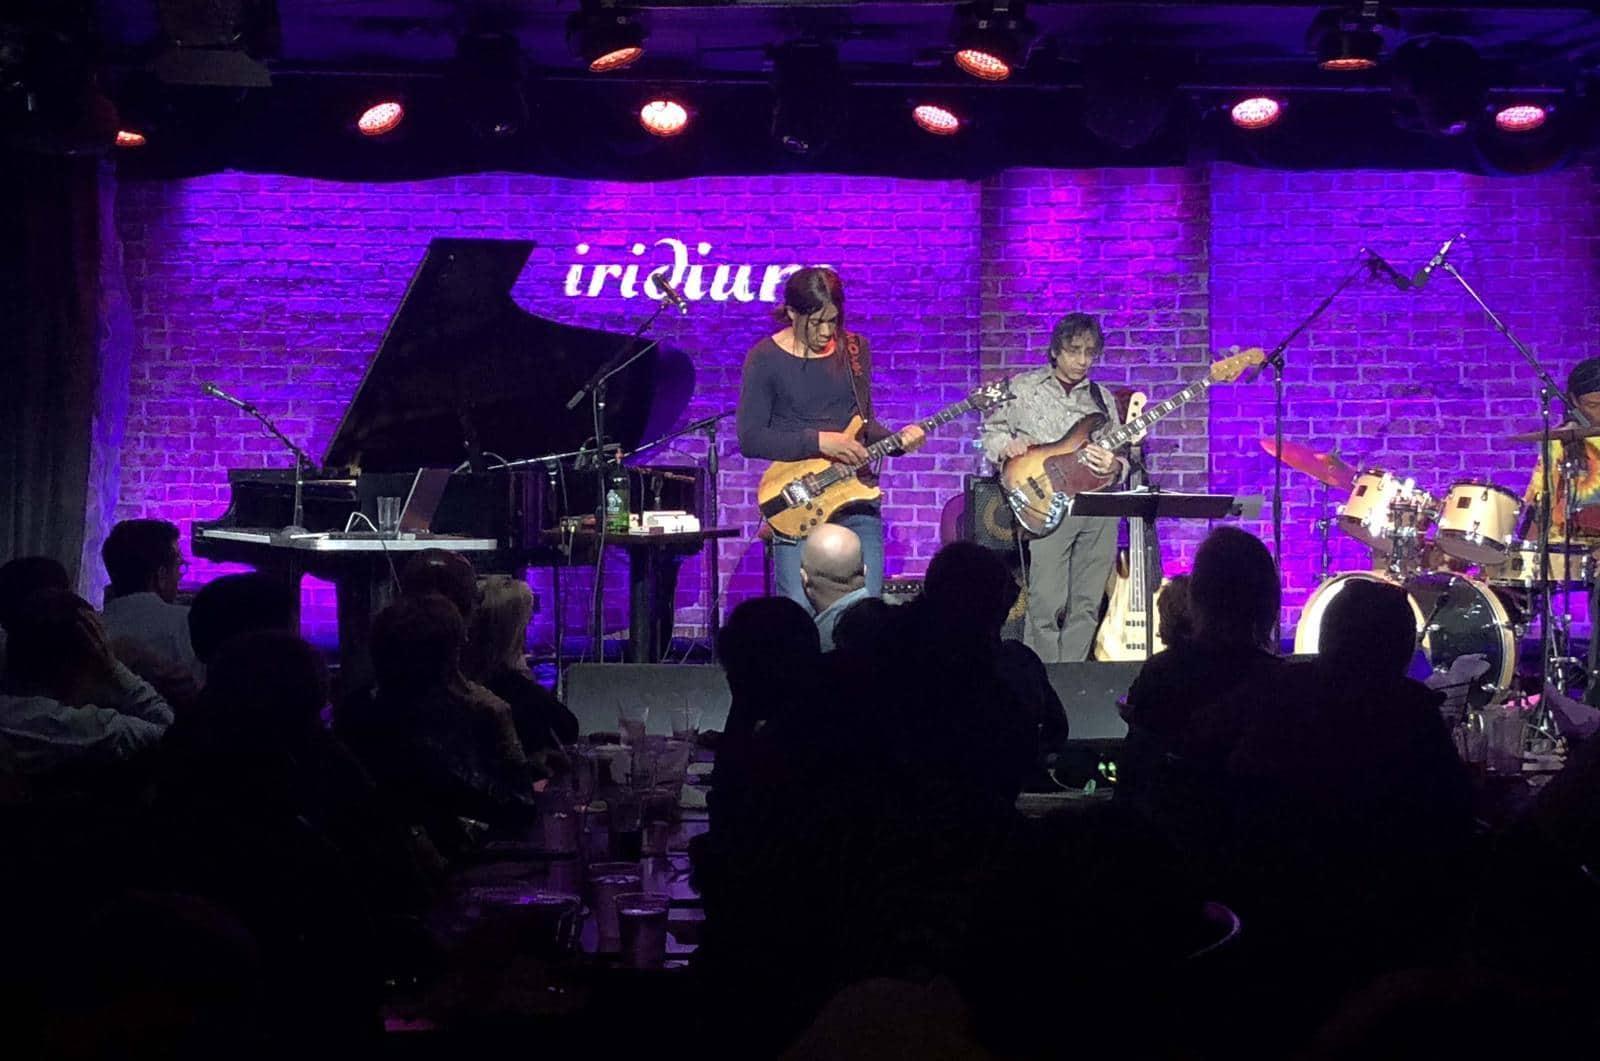 iridium jazz club new york